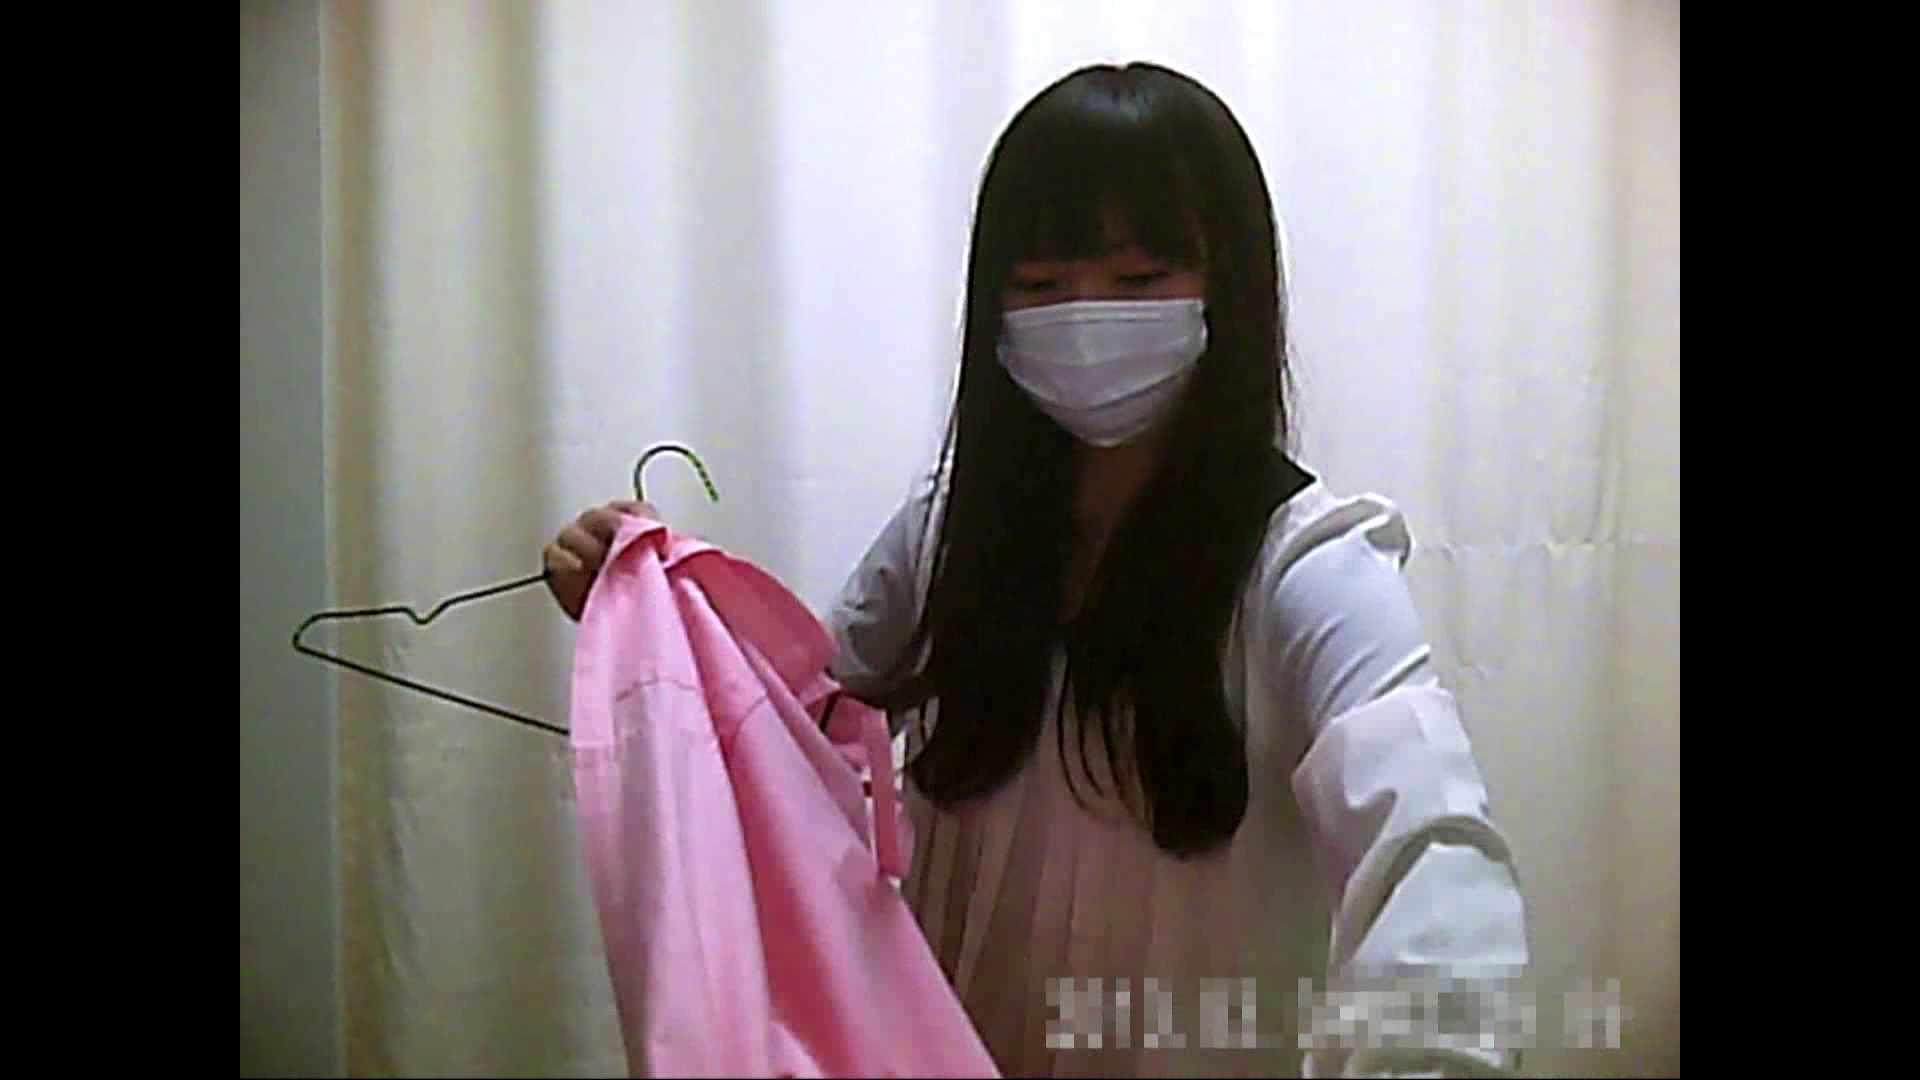 元医者による反抗 更衣室地獄絵巻 vol.103 OL  100pic 24